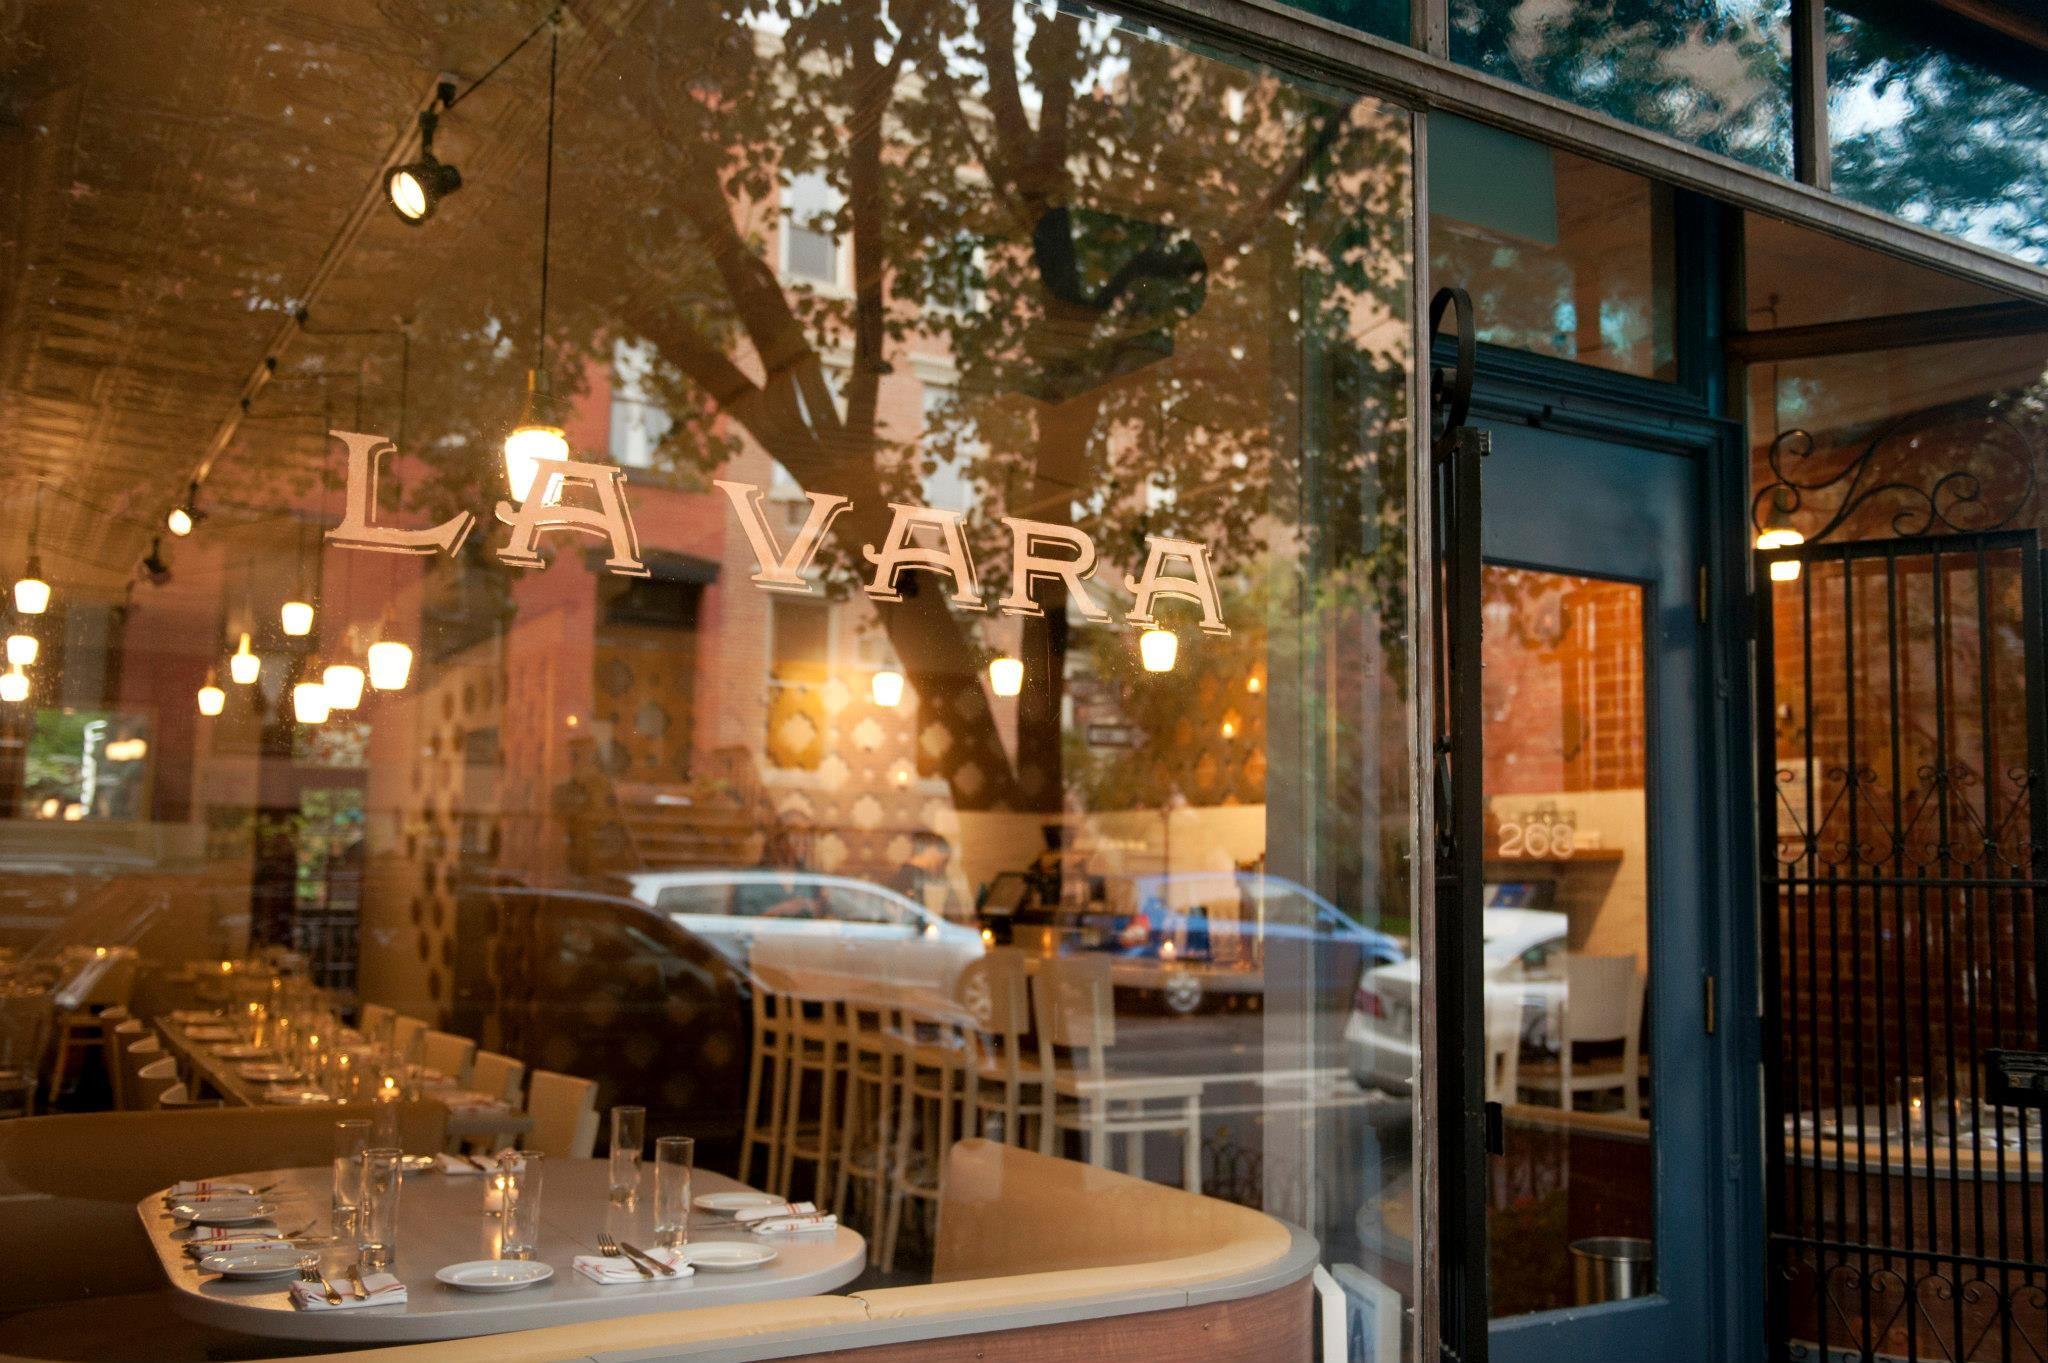 Restaurants La Vara Jpg